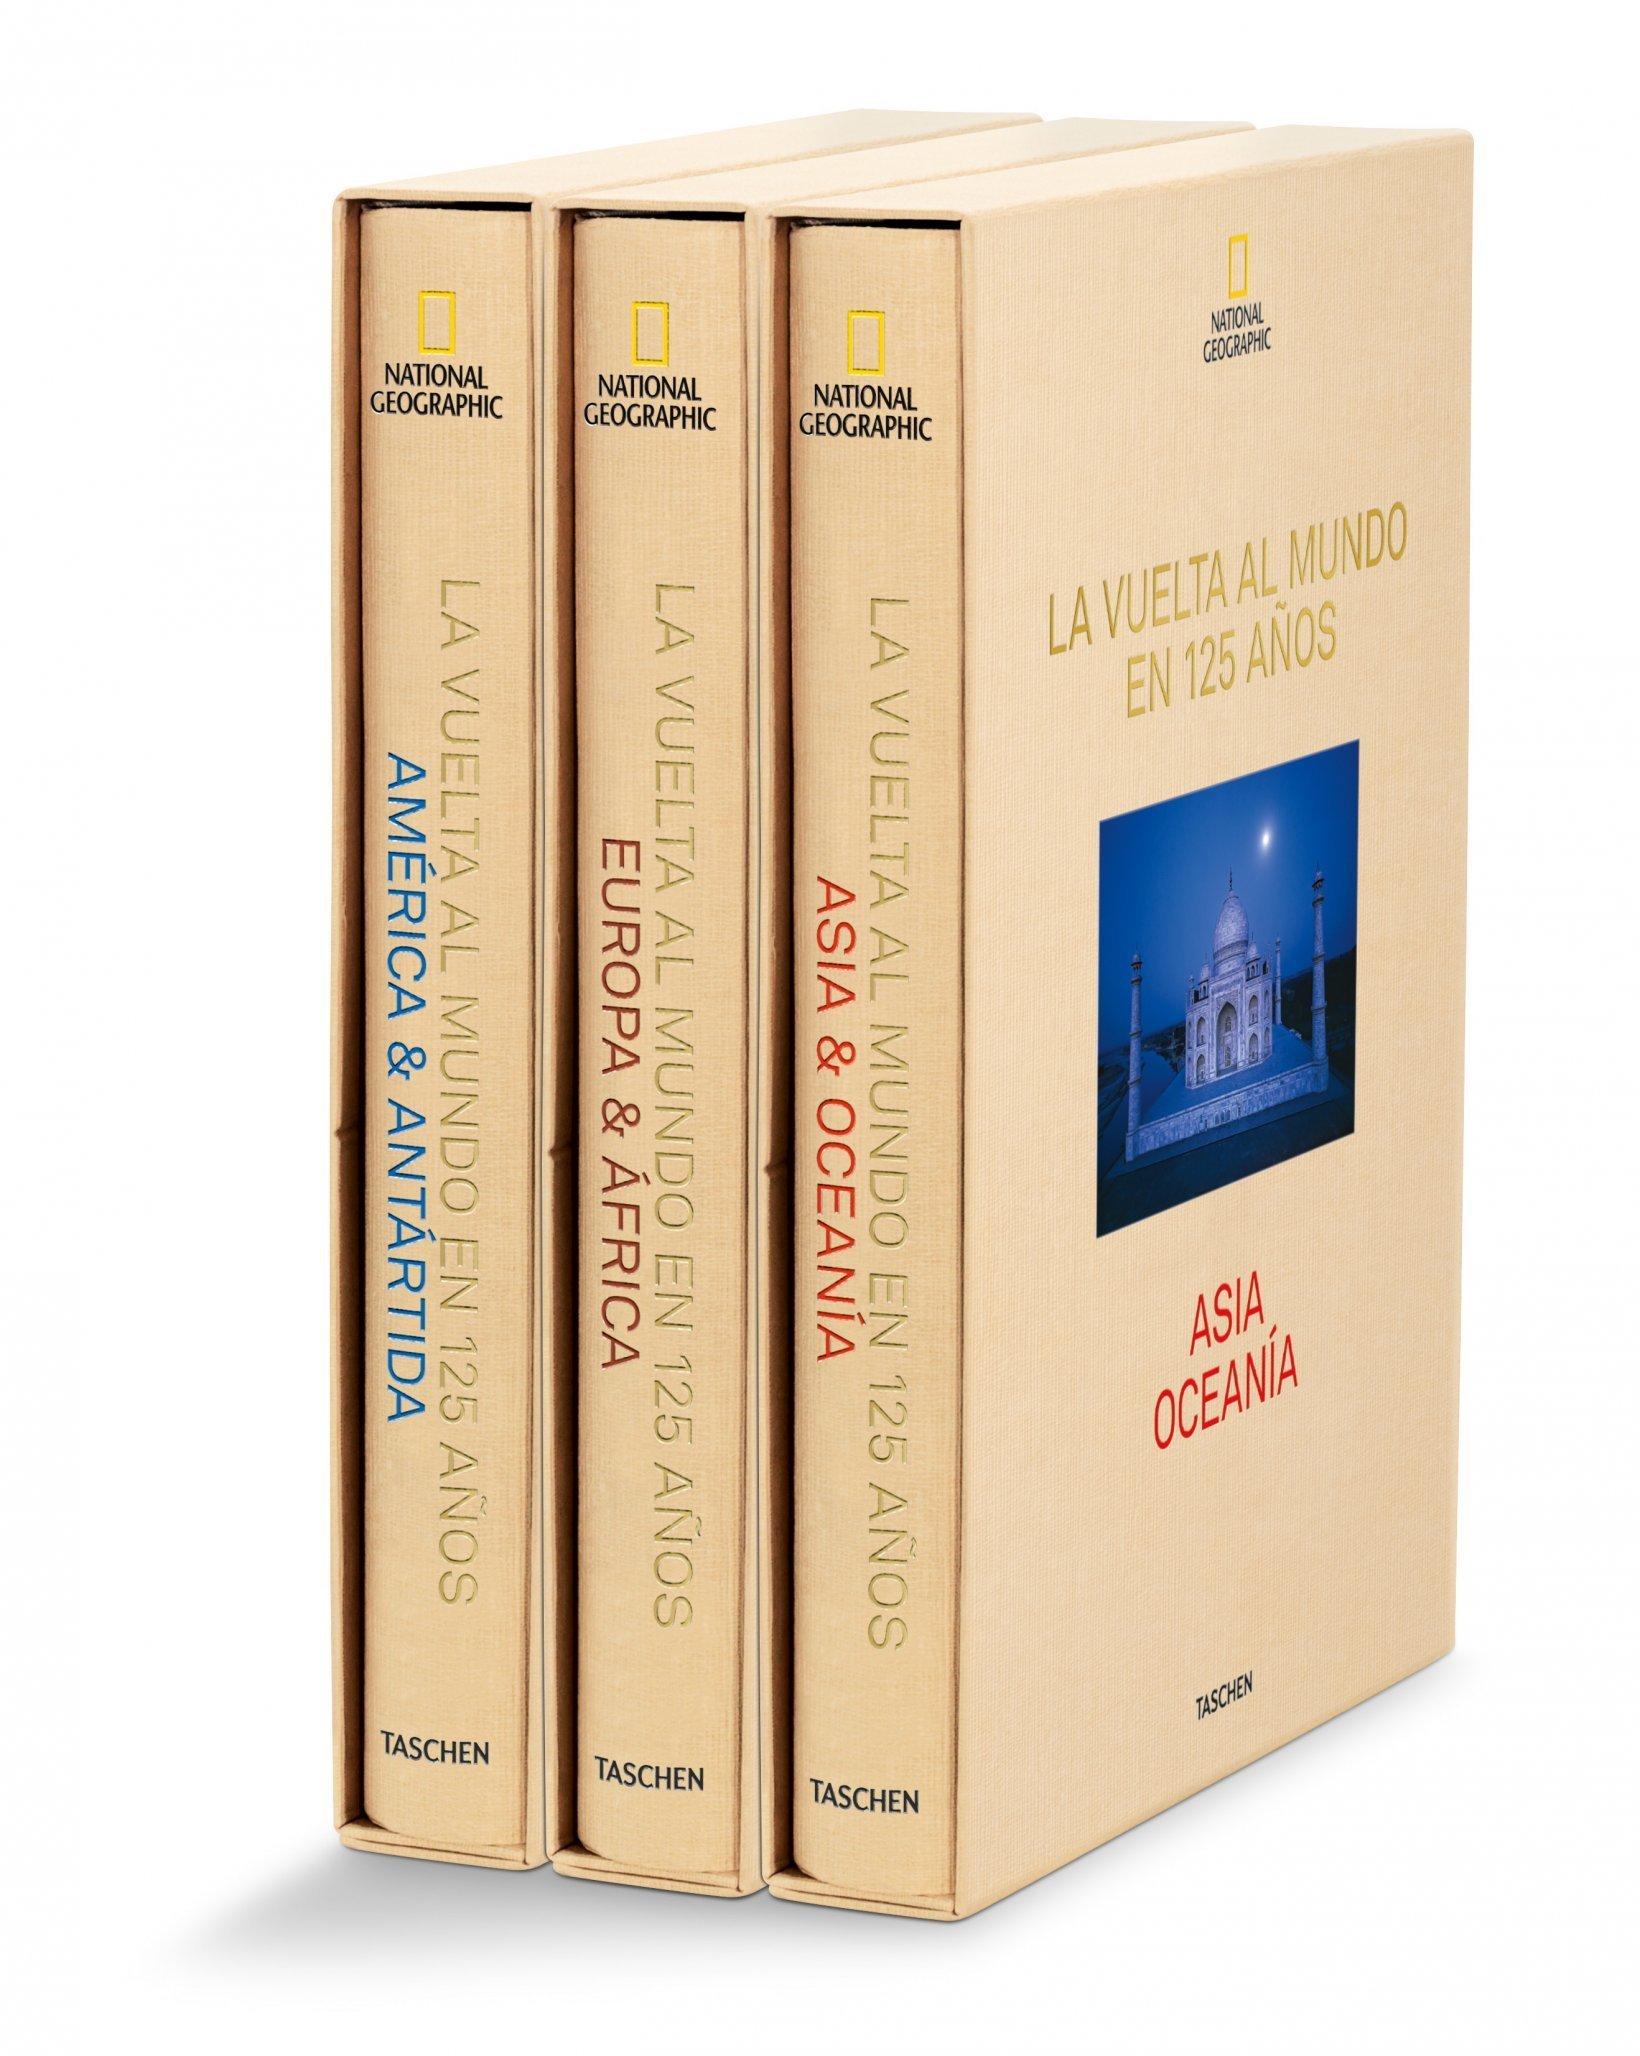 National Geographic. La Vuelta Al mundo En 125 Años, 3 vol.: Amazon ...